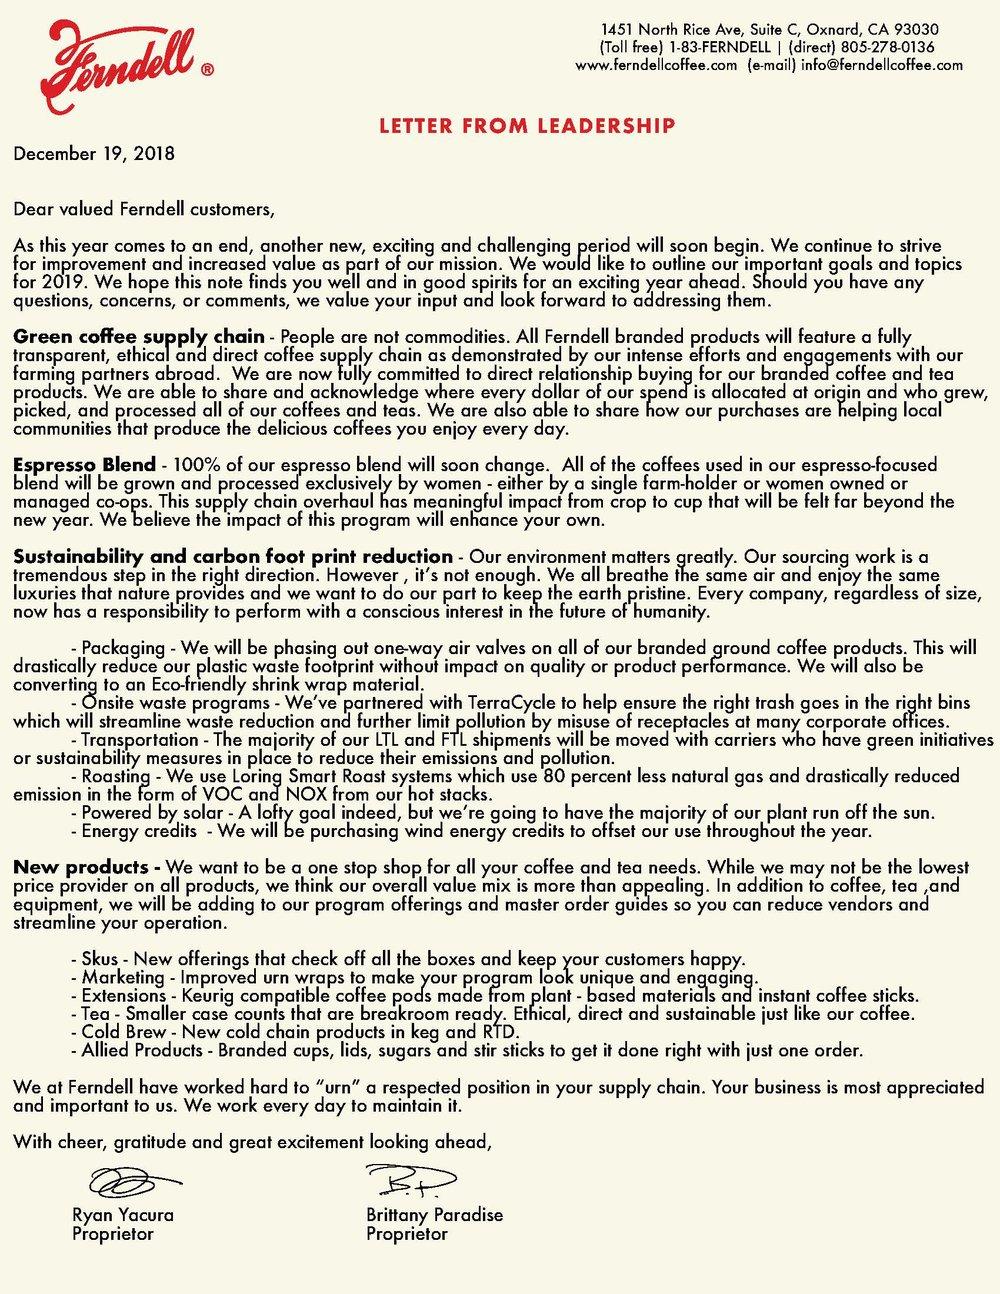 2018 Letter from Leadership_CC.jpg